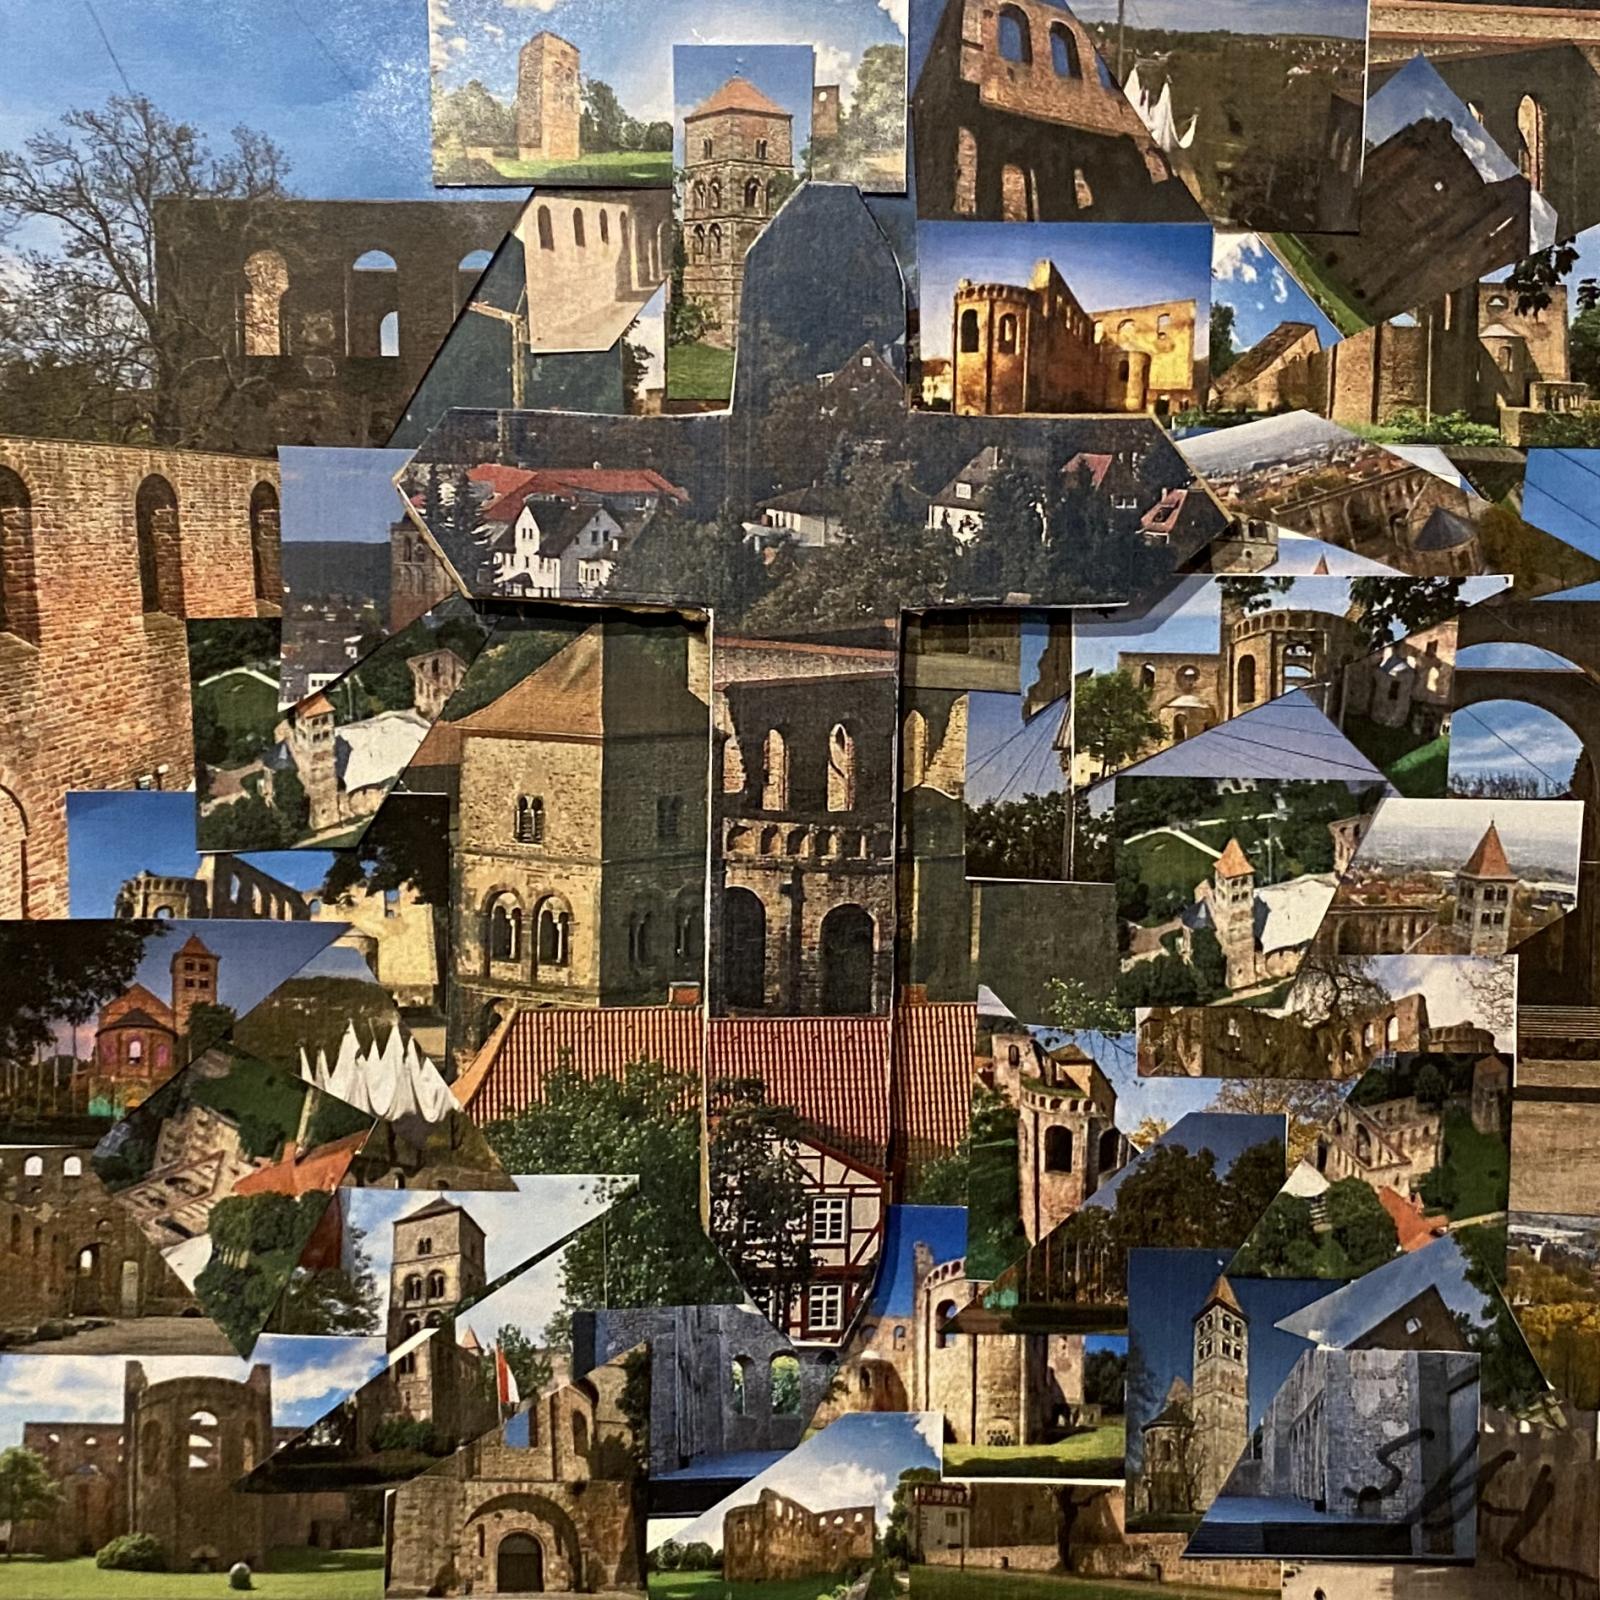 Die Ruine - aus dem Blickwinkel einer Pröpstin von Sabine Kropf-Brandau